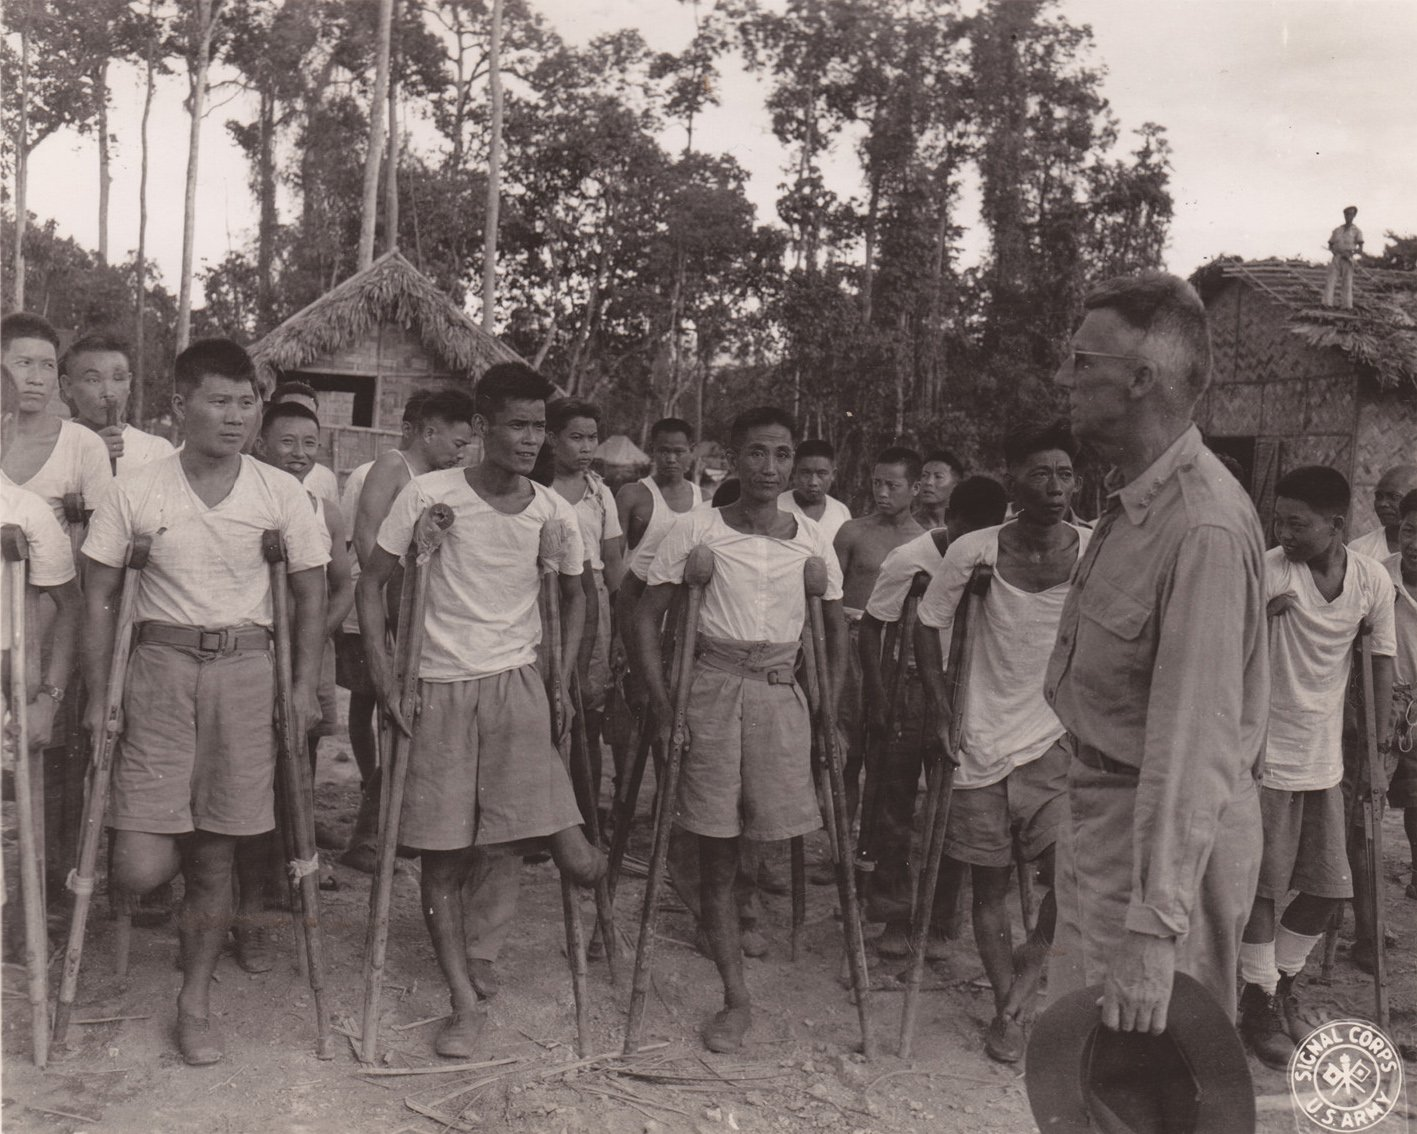 史迪威将军脱帽对着一群年轻的中国退伍军人讲话。战争致残的军人回到平民生活之前,先在这里学习新的生存技能――铁艺、编织、木工活等。这个营地此时由中美共同管理经营,大约有两百多名不同程度伤残的退伍士兵。伯克林中士拍摄于利多公路的康复营地,1944年7月15日。